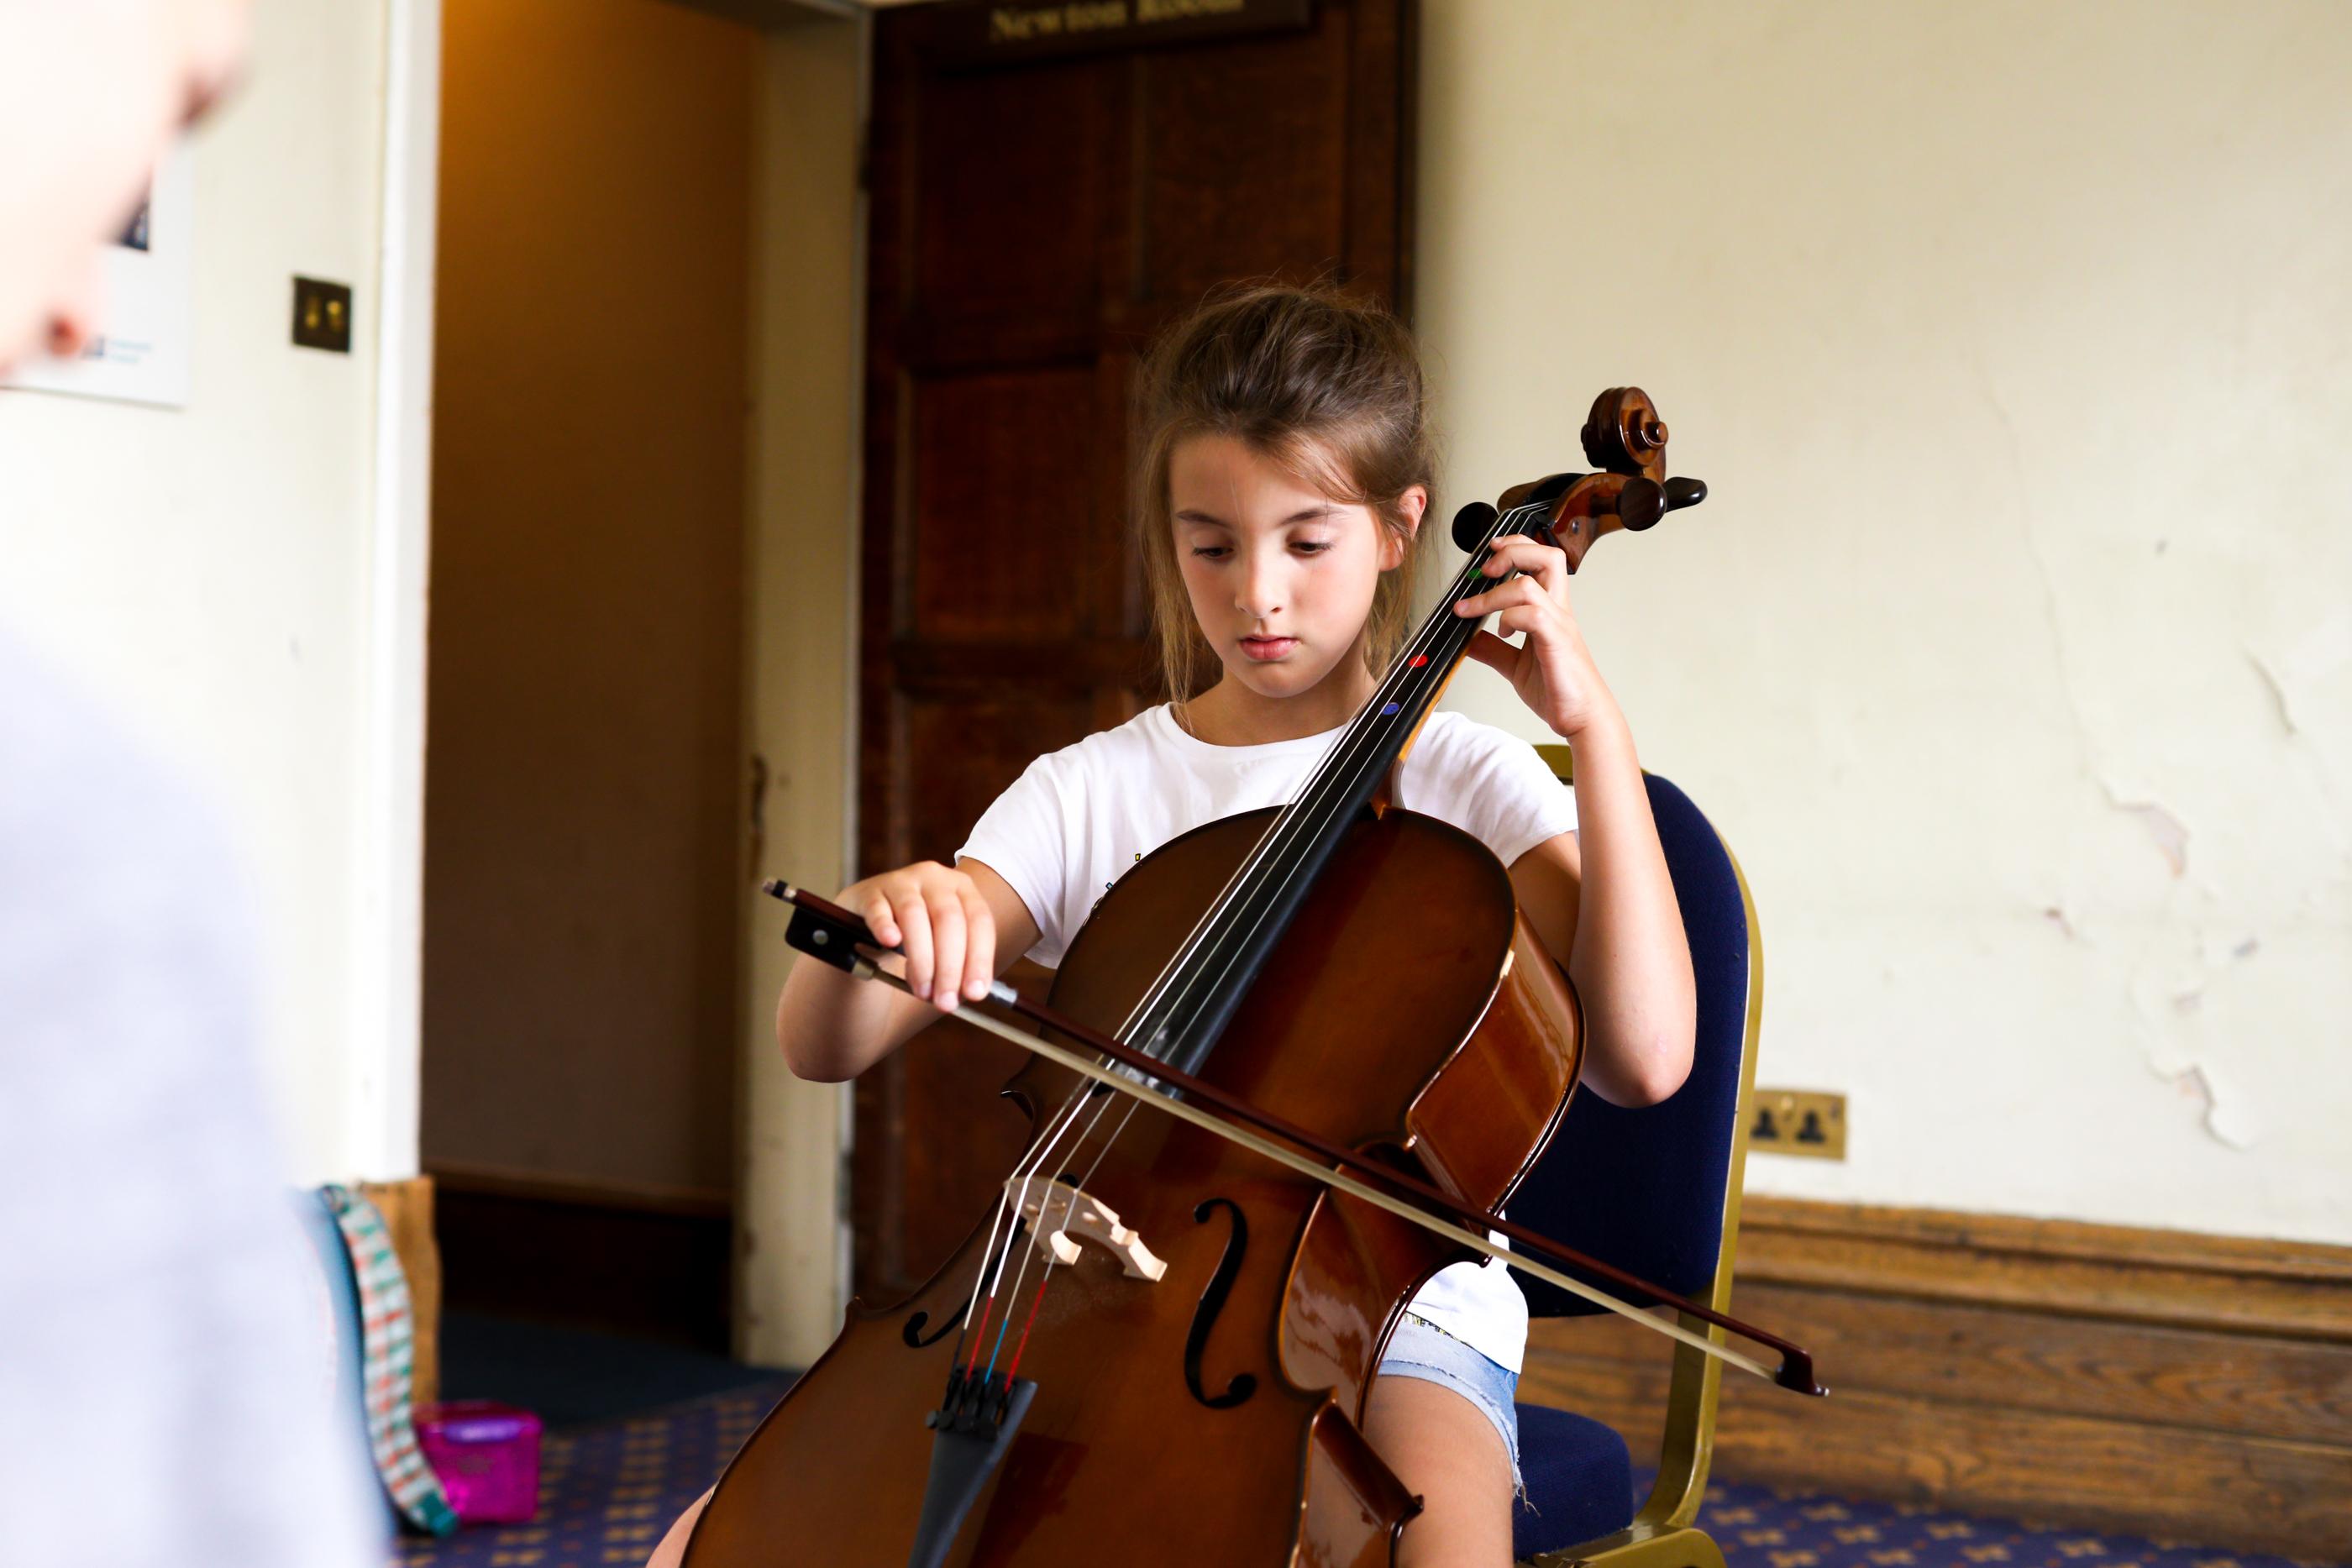 A photograph of a girl playing a cello